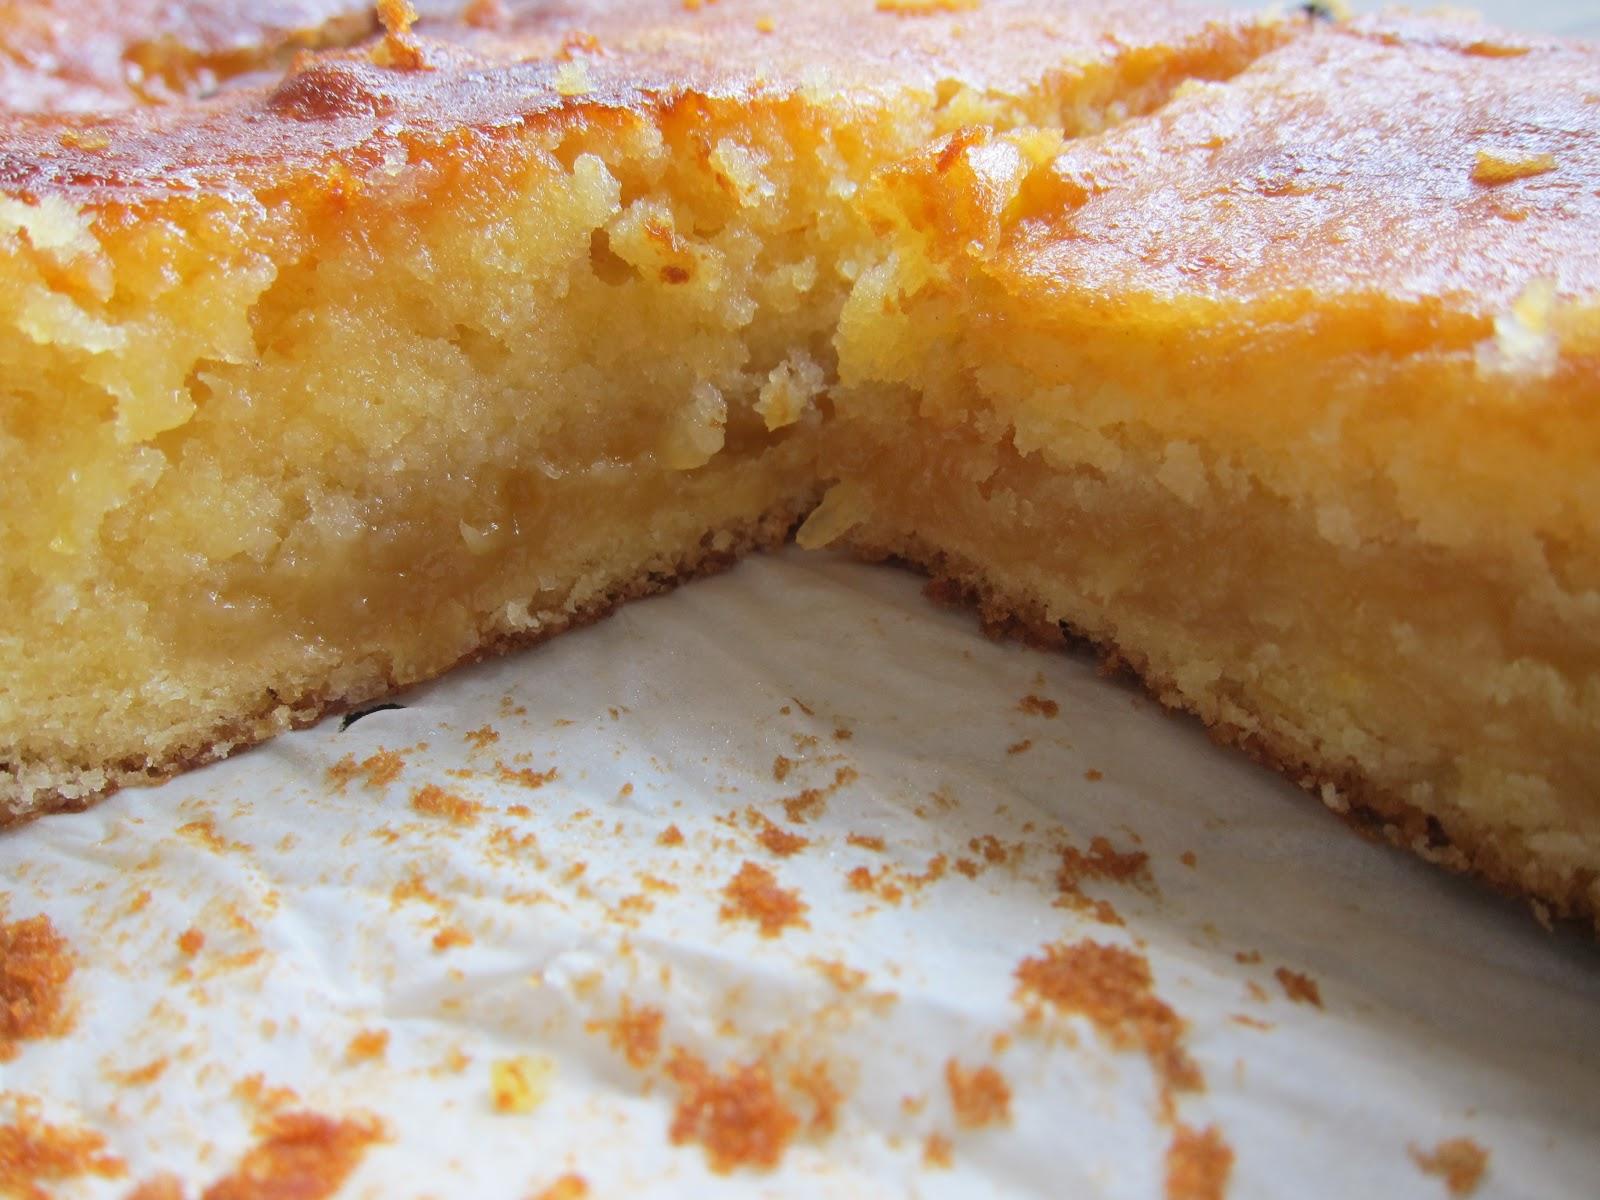 Sticky cake recipe